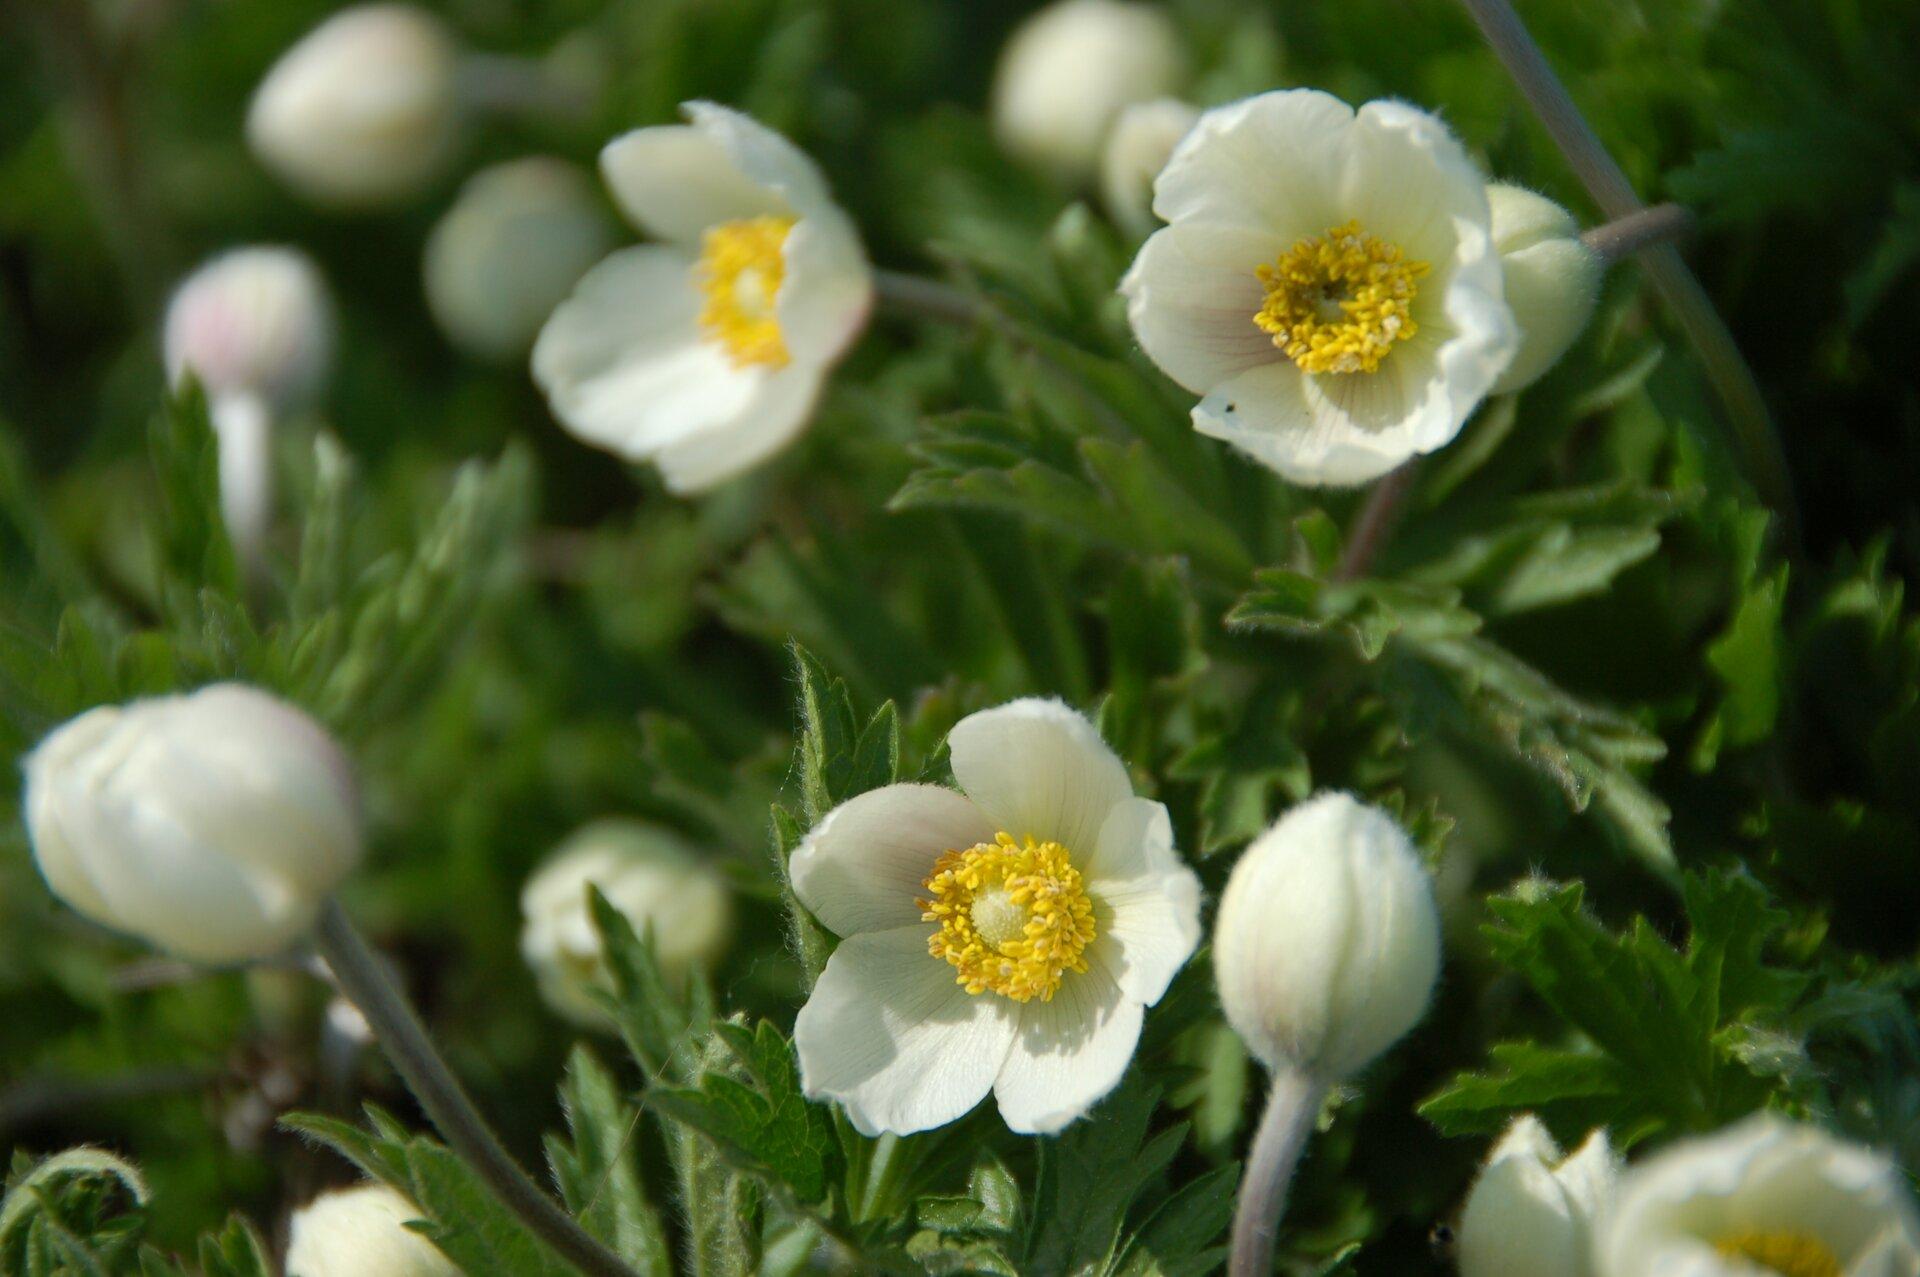 Fotografia przedstawia wdużym zbliżeniu kilka łodyżek zawilca wielkokwiatowego. Jego duże, czysto białe kwiaty mają wsrodku wieniec żółtych pręcików.